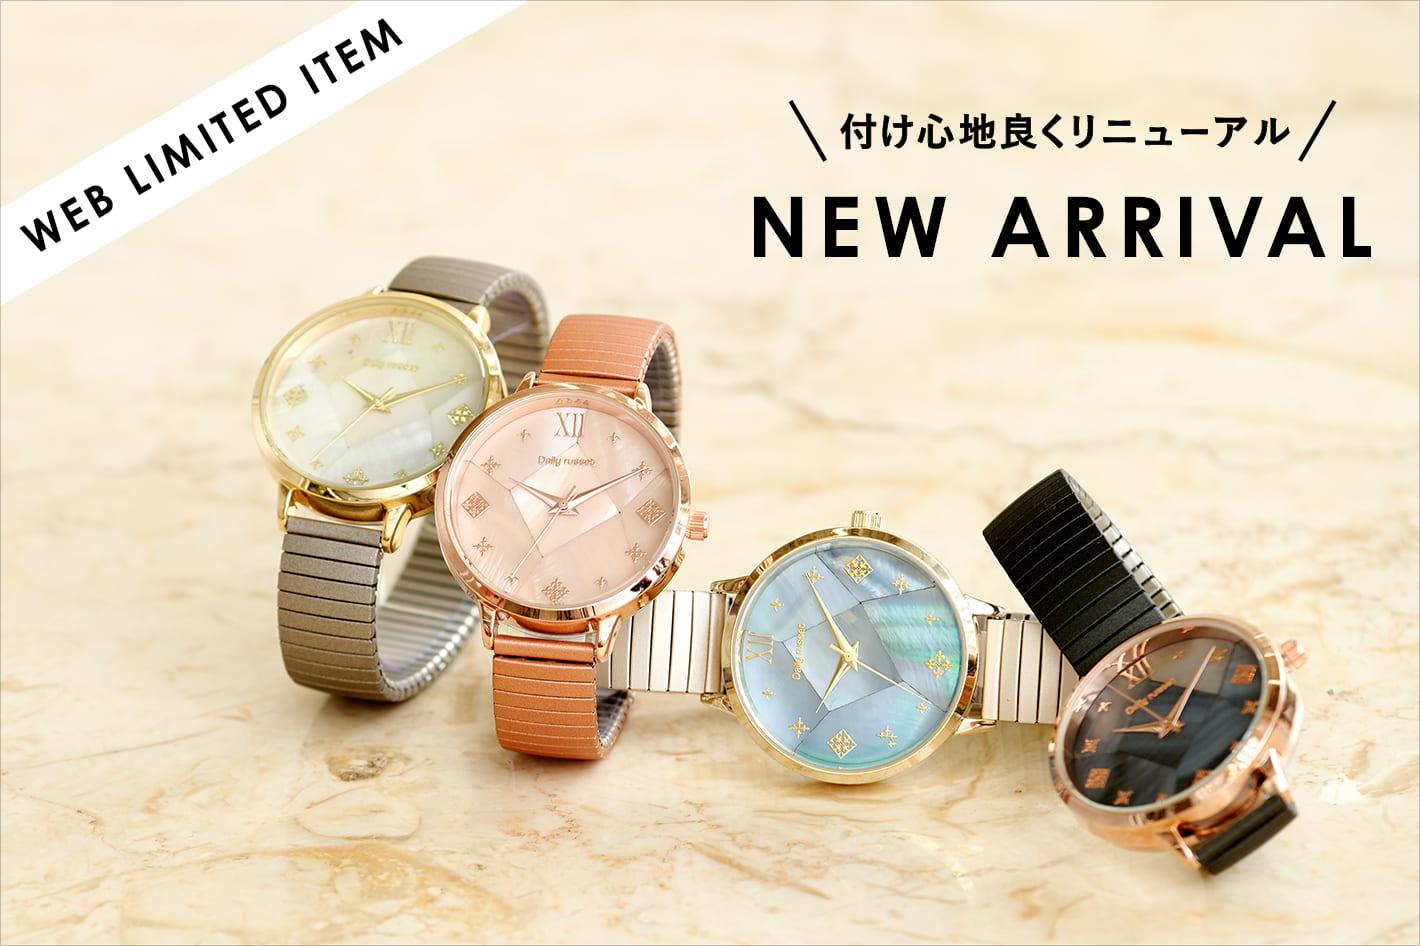 Daily russet ◆付け心地良くリニューアル◆大人気腕時計が入荷しました!